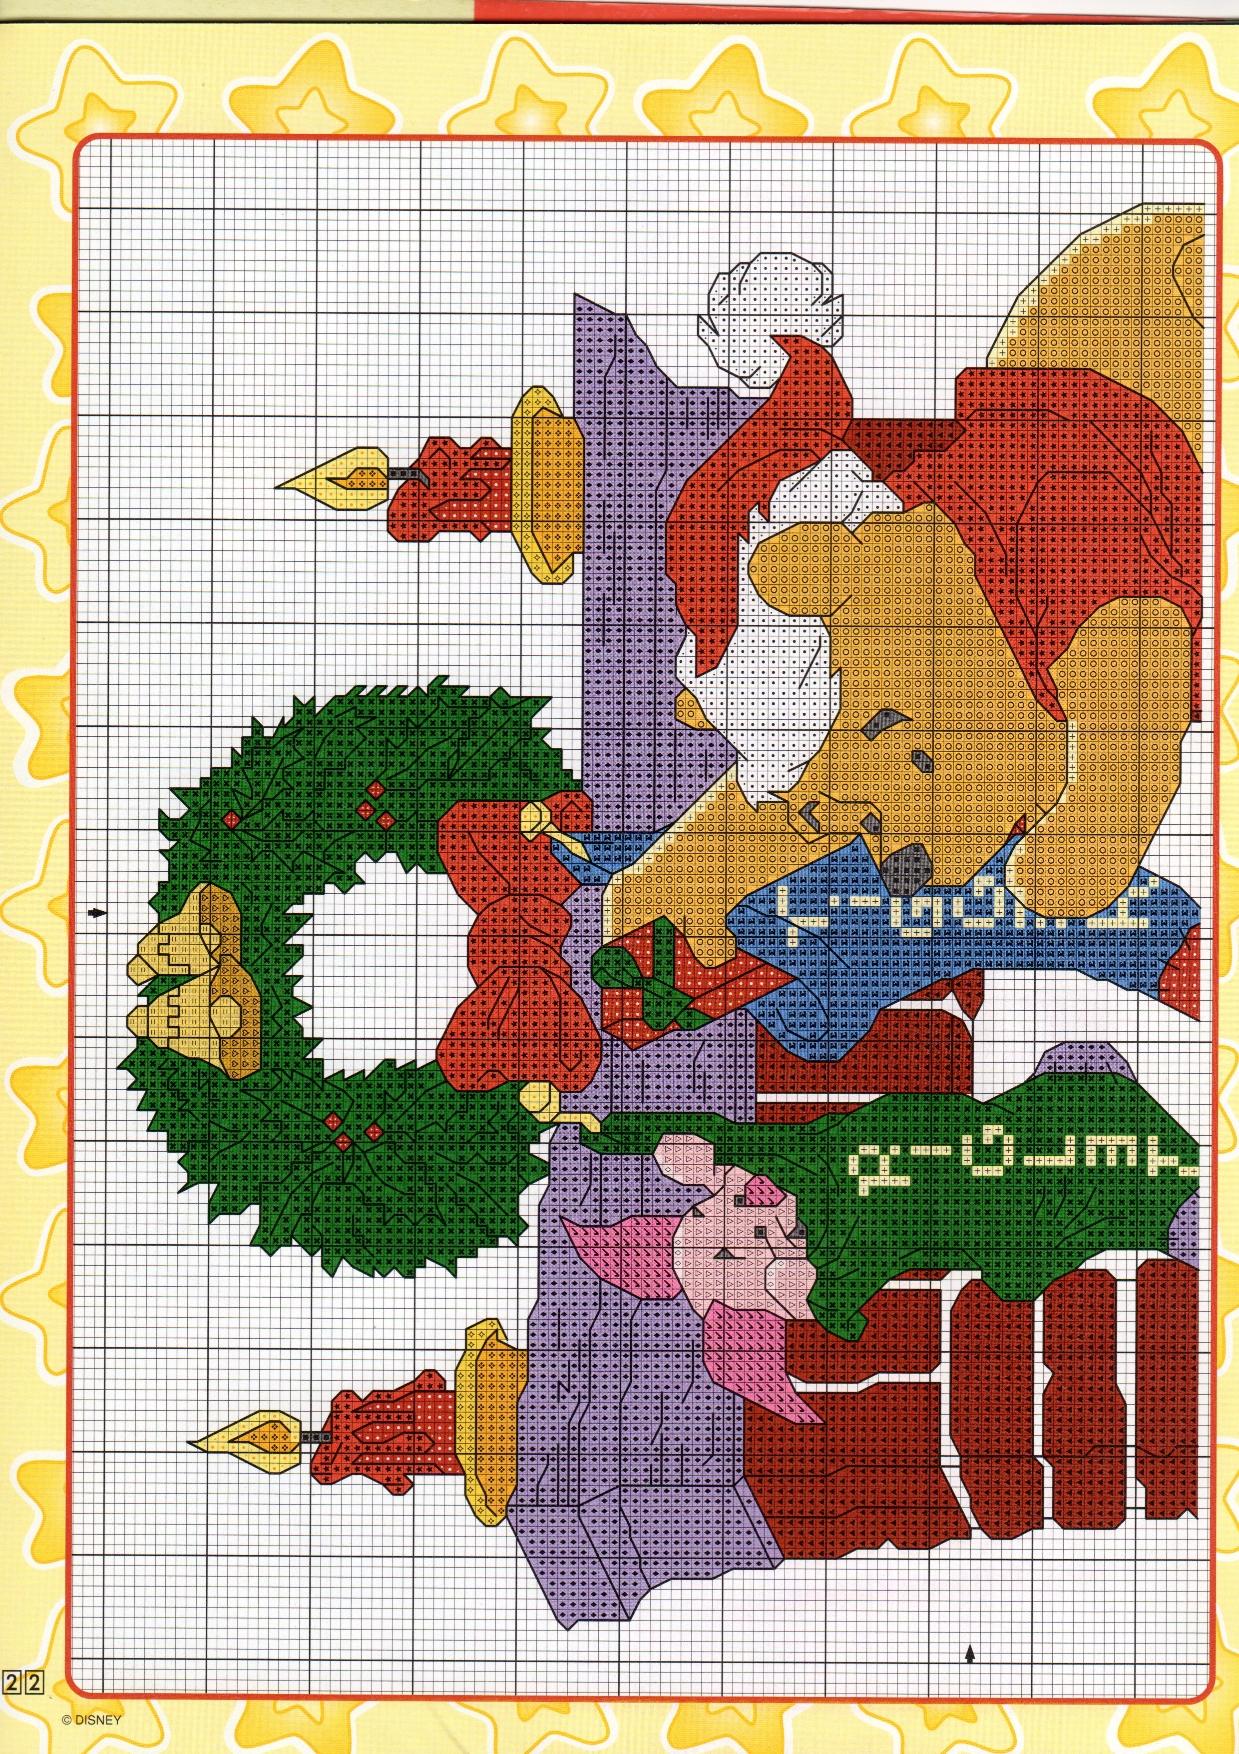 Schema ricamo winnie the pooh al caminetto 1 for Ricamo punto croce bambini